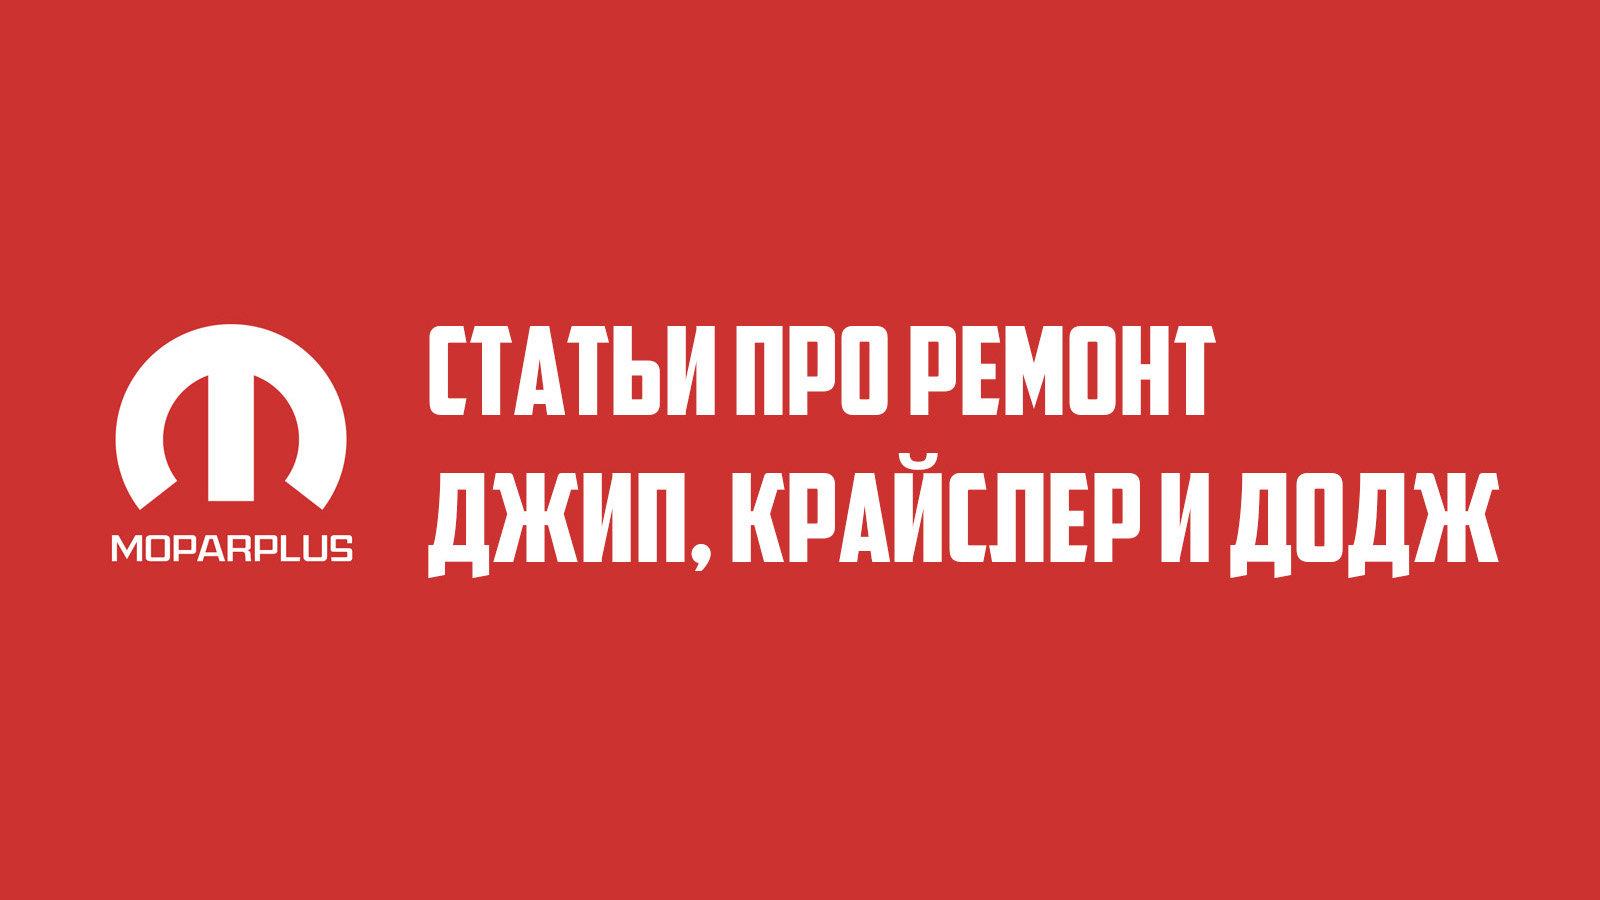 Статьи про ремонт. Выпуск №46.